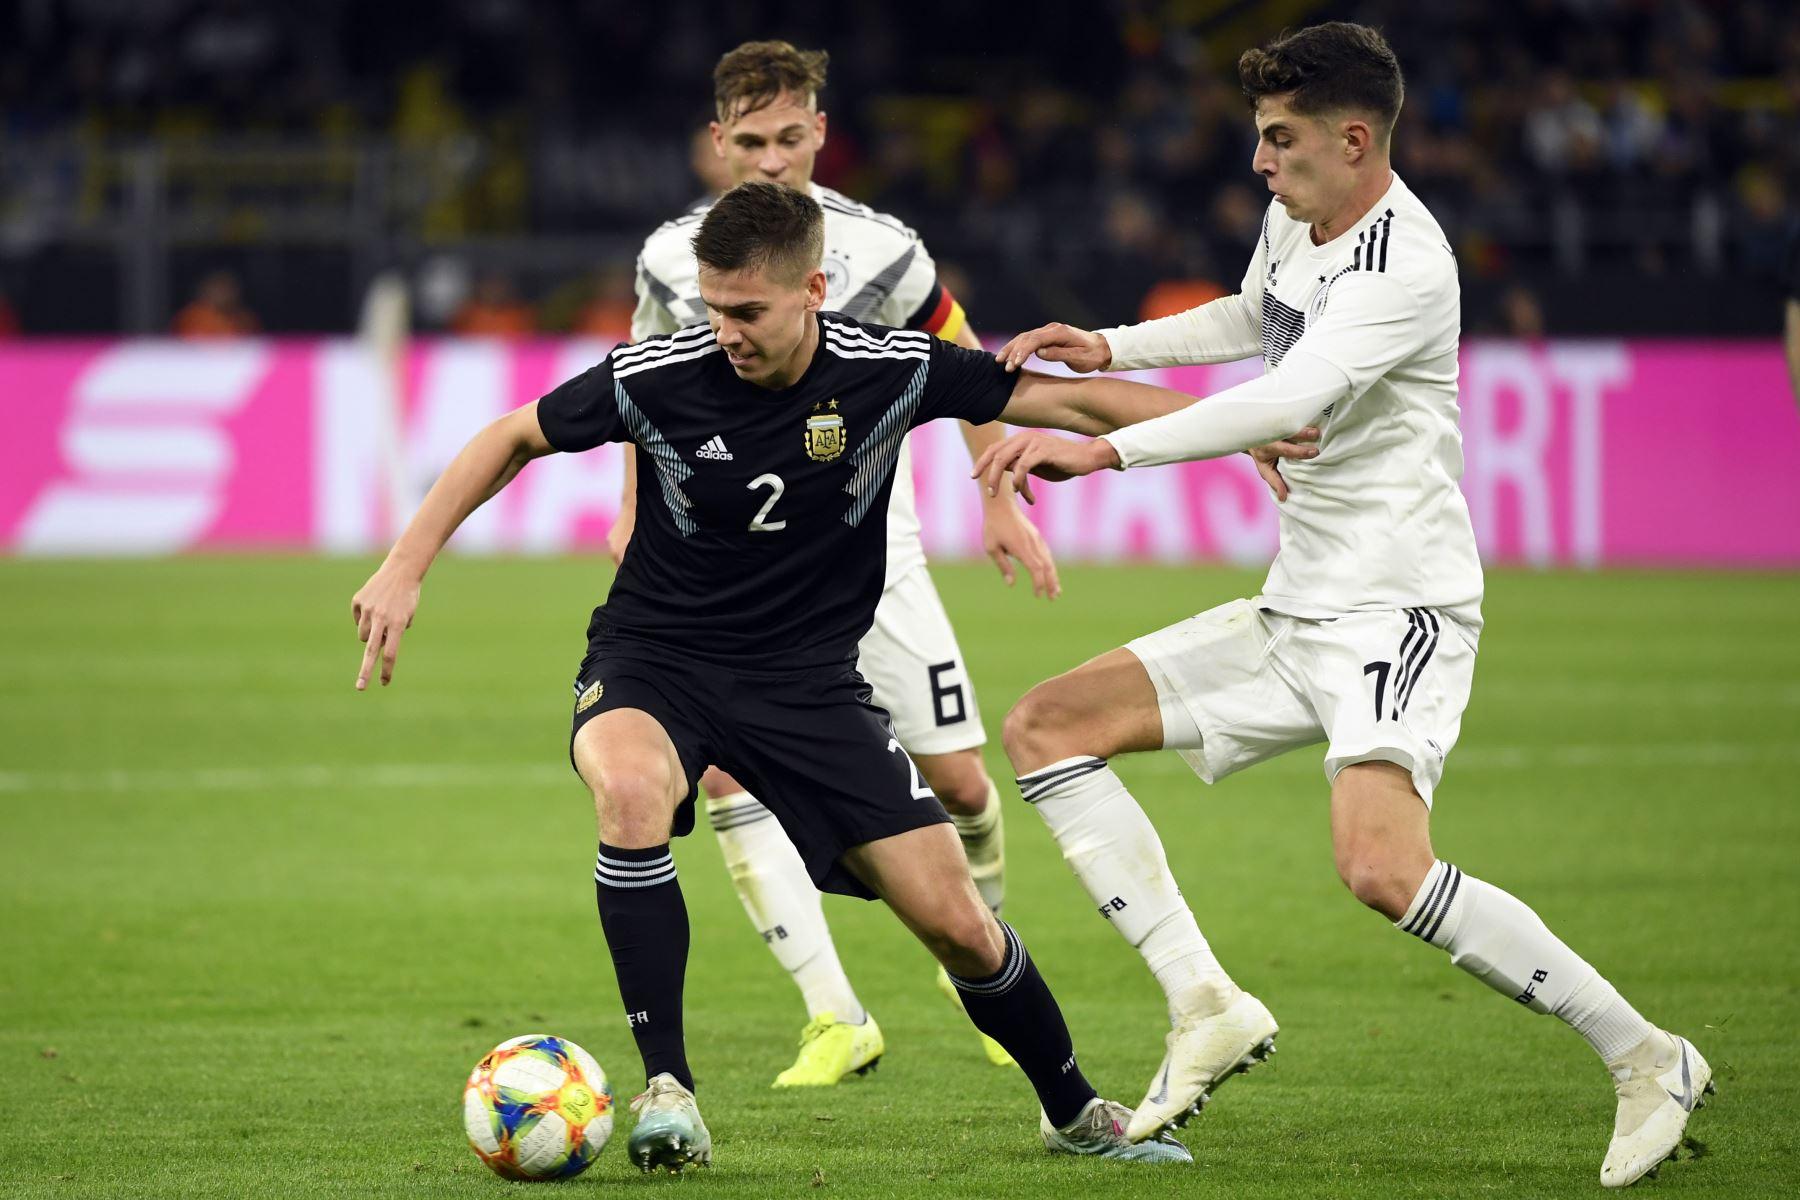 El argentino Juan Foyth, el centrocampista alemán Joshua Kimmich y el centrocampista alemán Kai Havertz (L-R) compiten por el balón durante el partido amistoso de fútbol Alemania Vs. Argentina en Dortmund. Foto: AFP